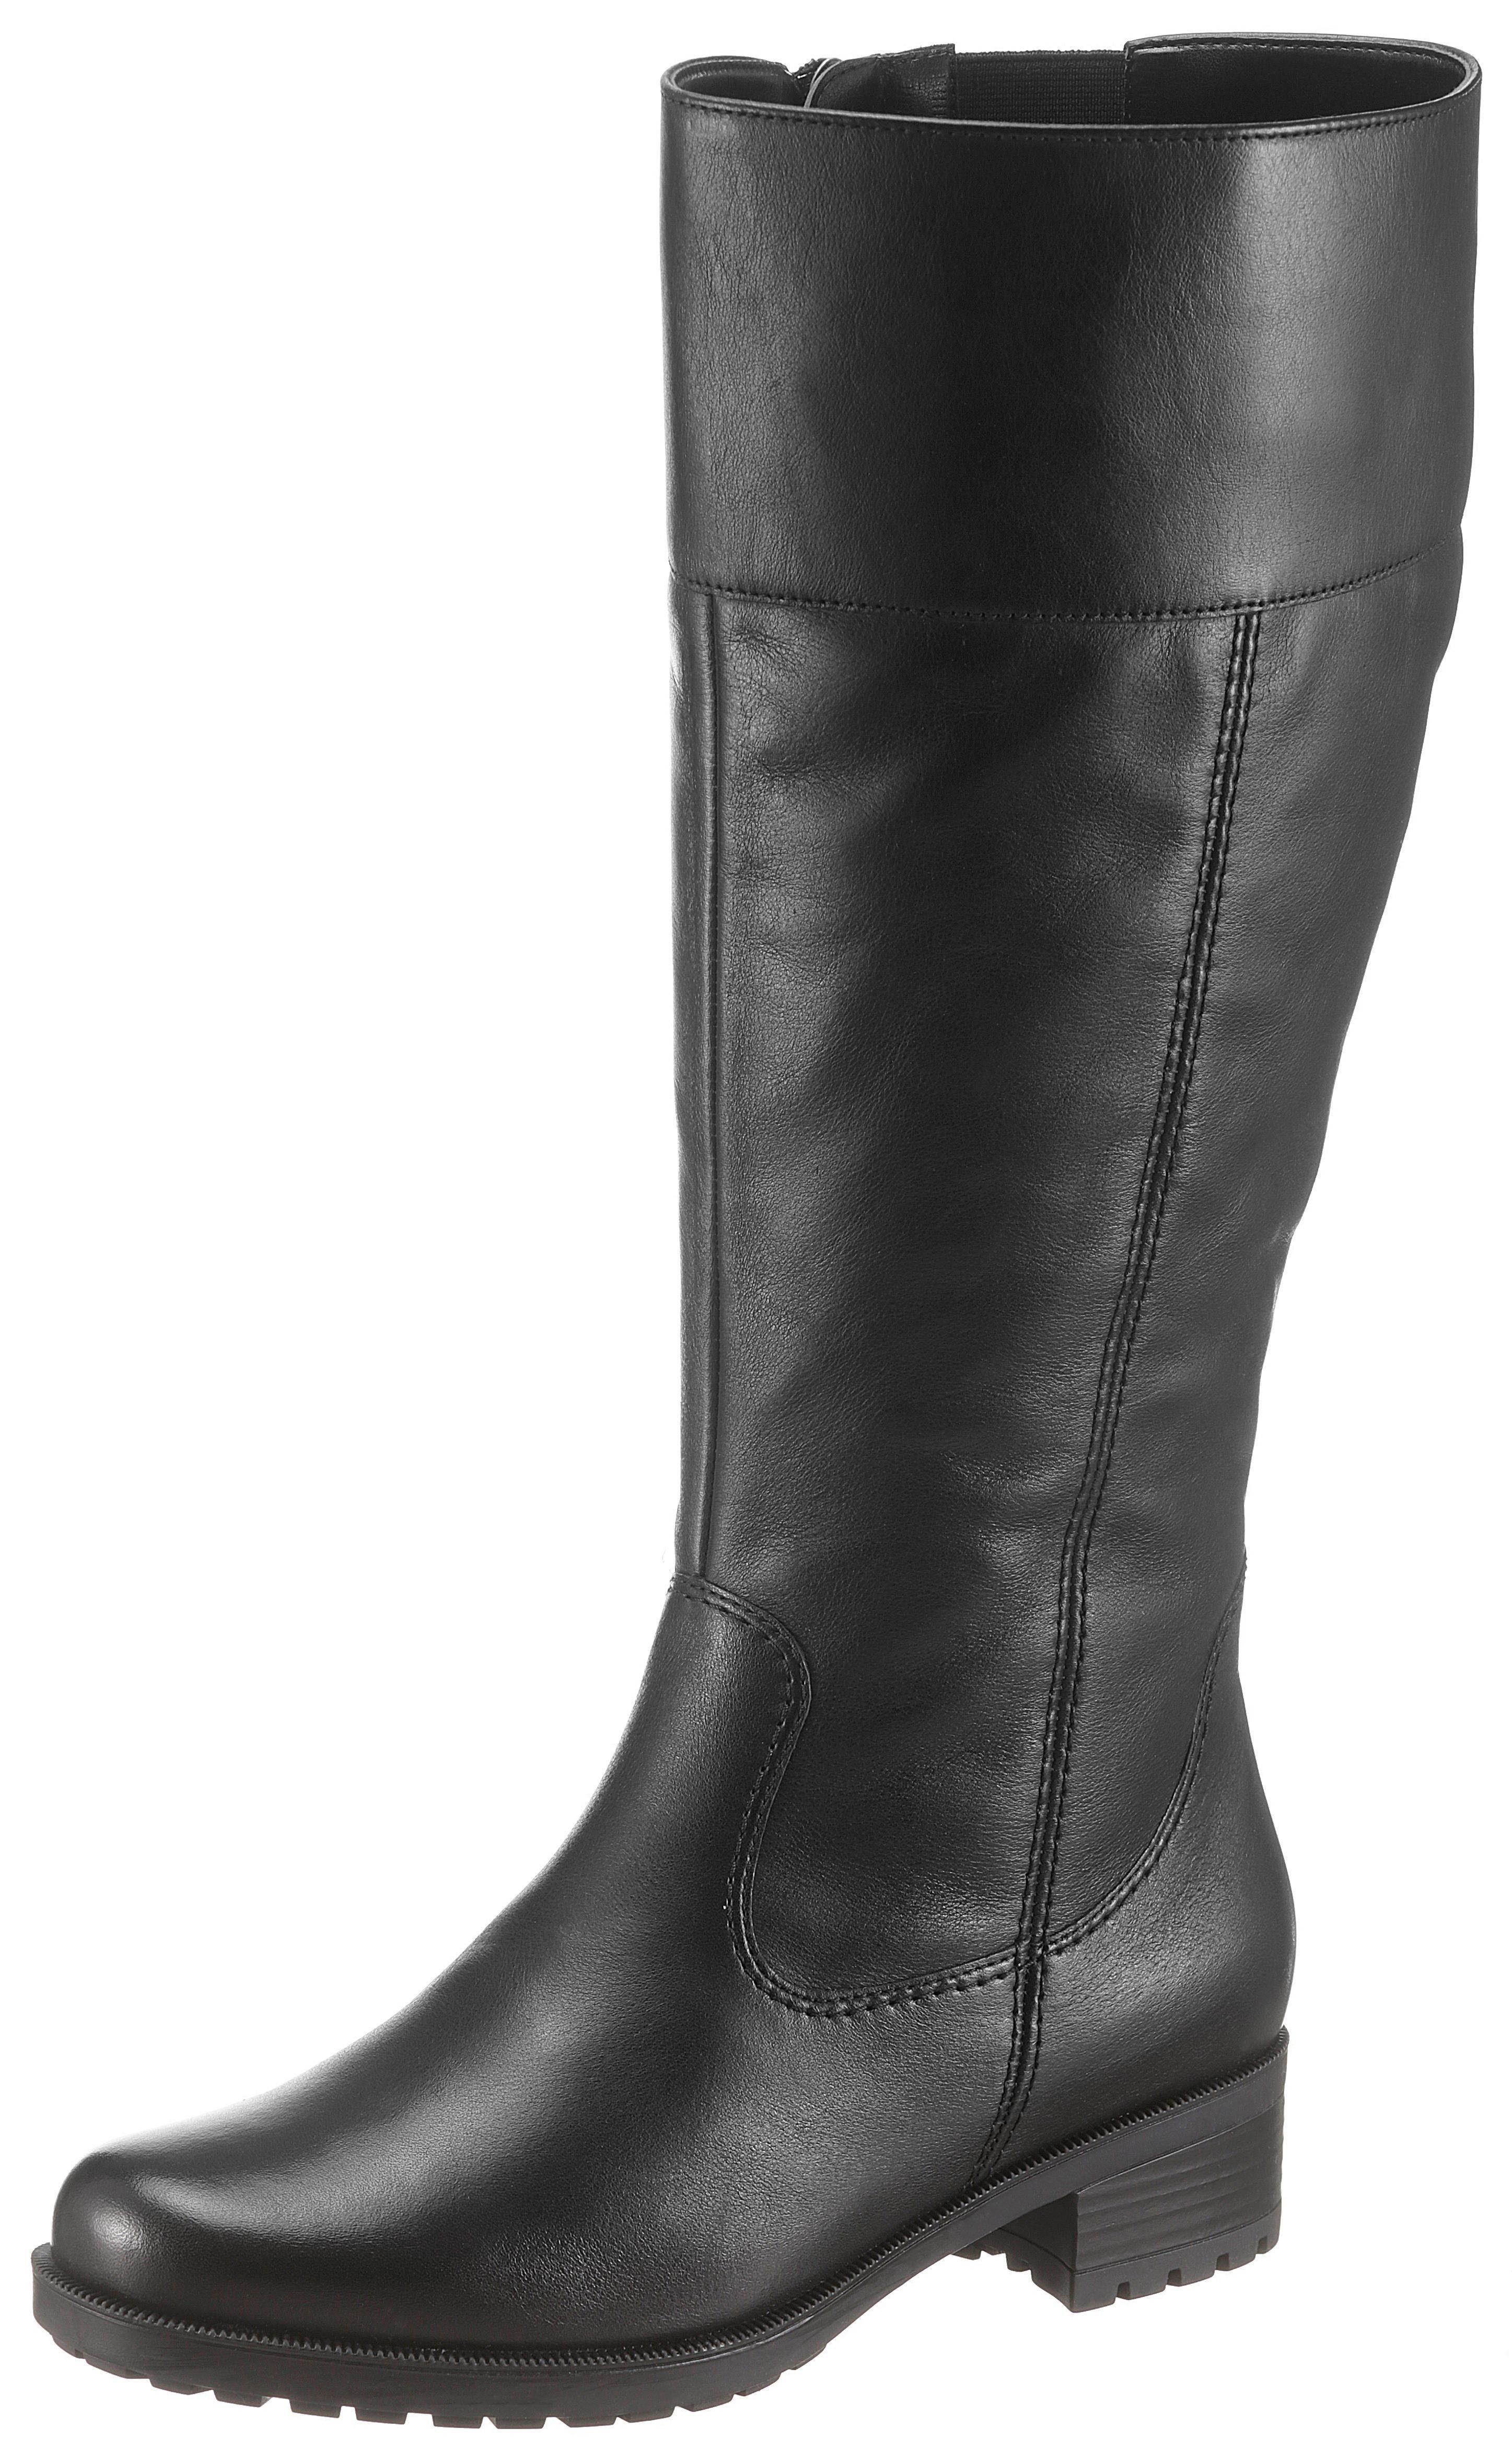 Stiefel schaftweite 50 cm | Weitschaftstiefel XXL